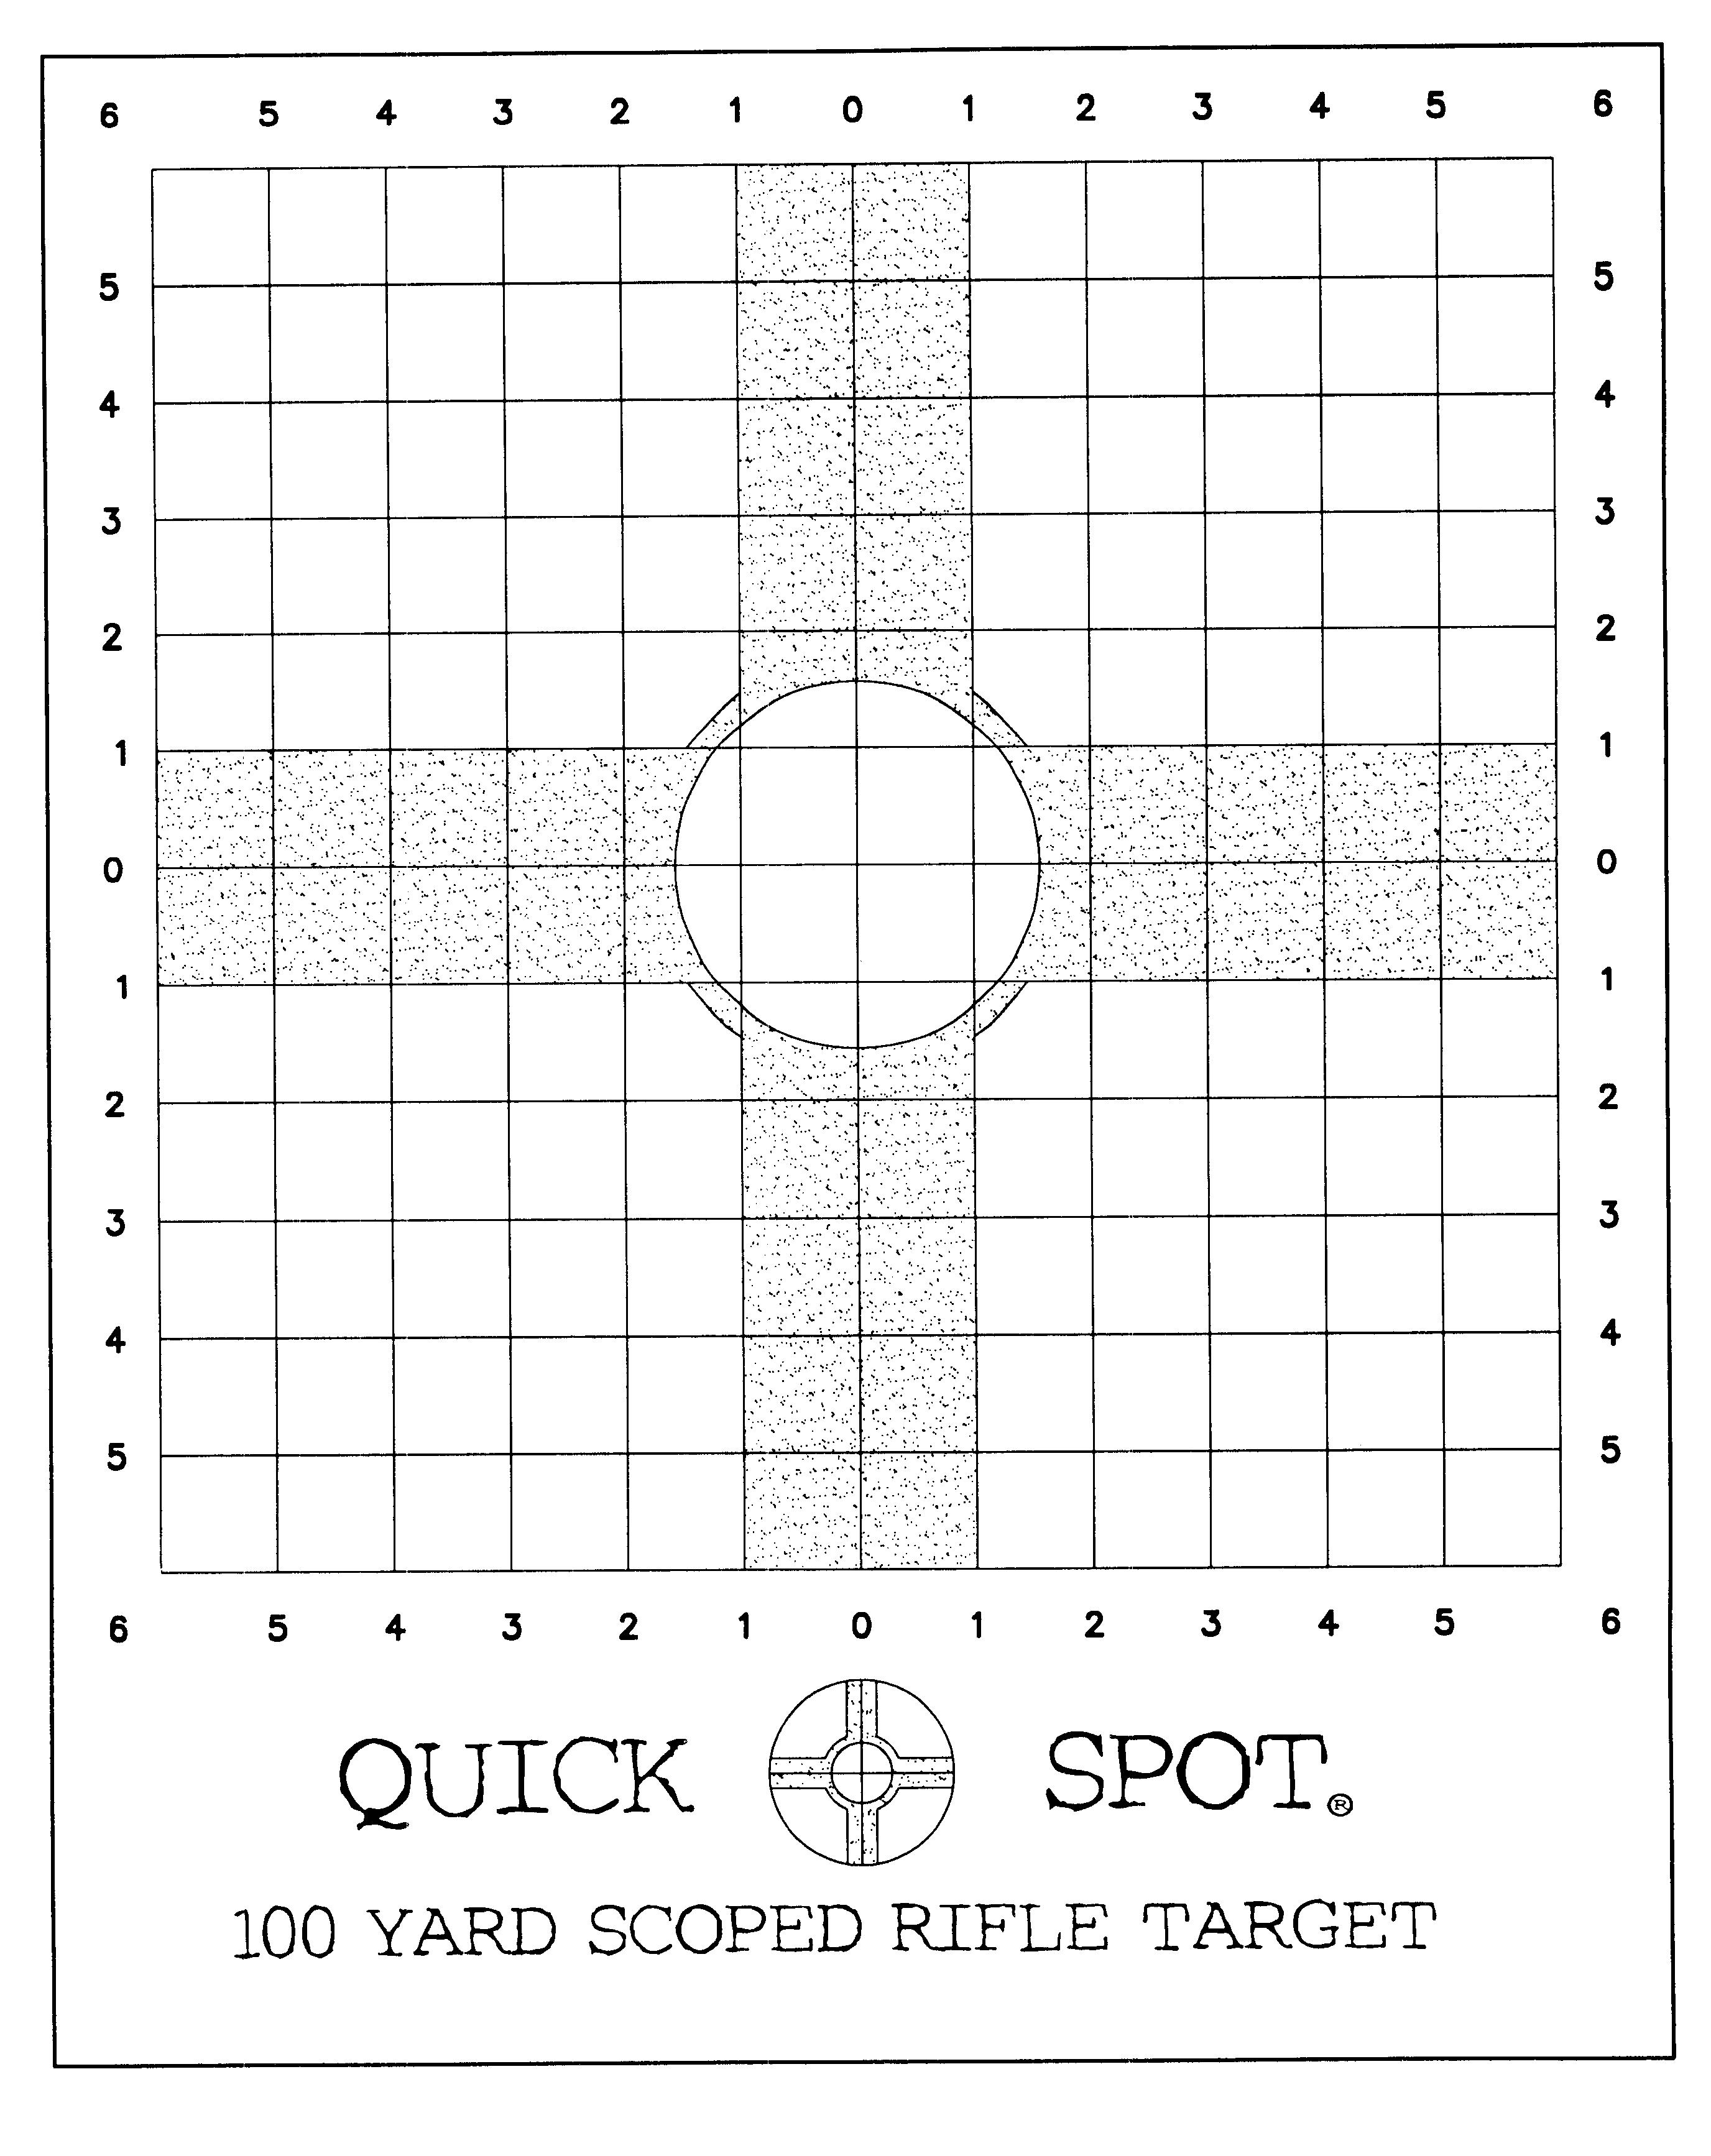 专利usd455811 - shooting